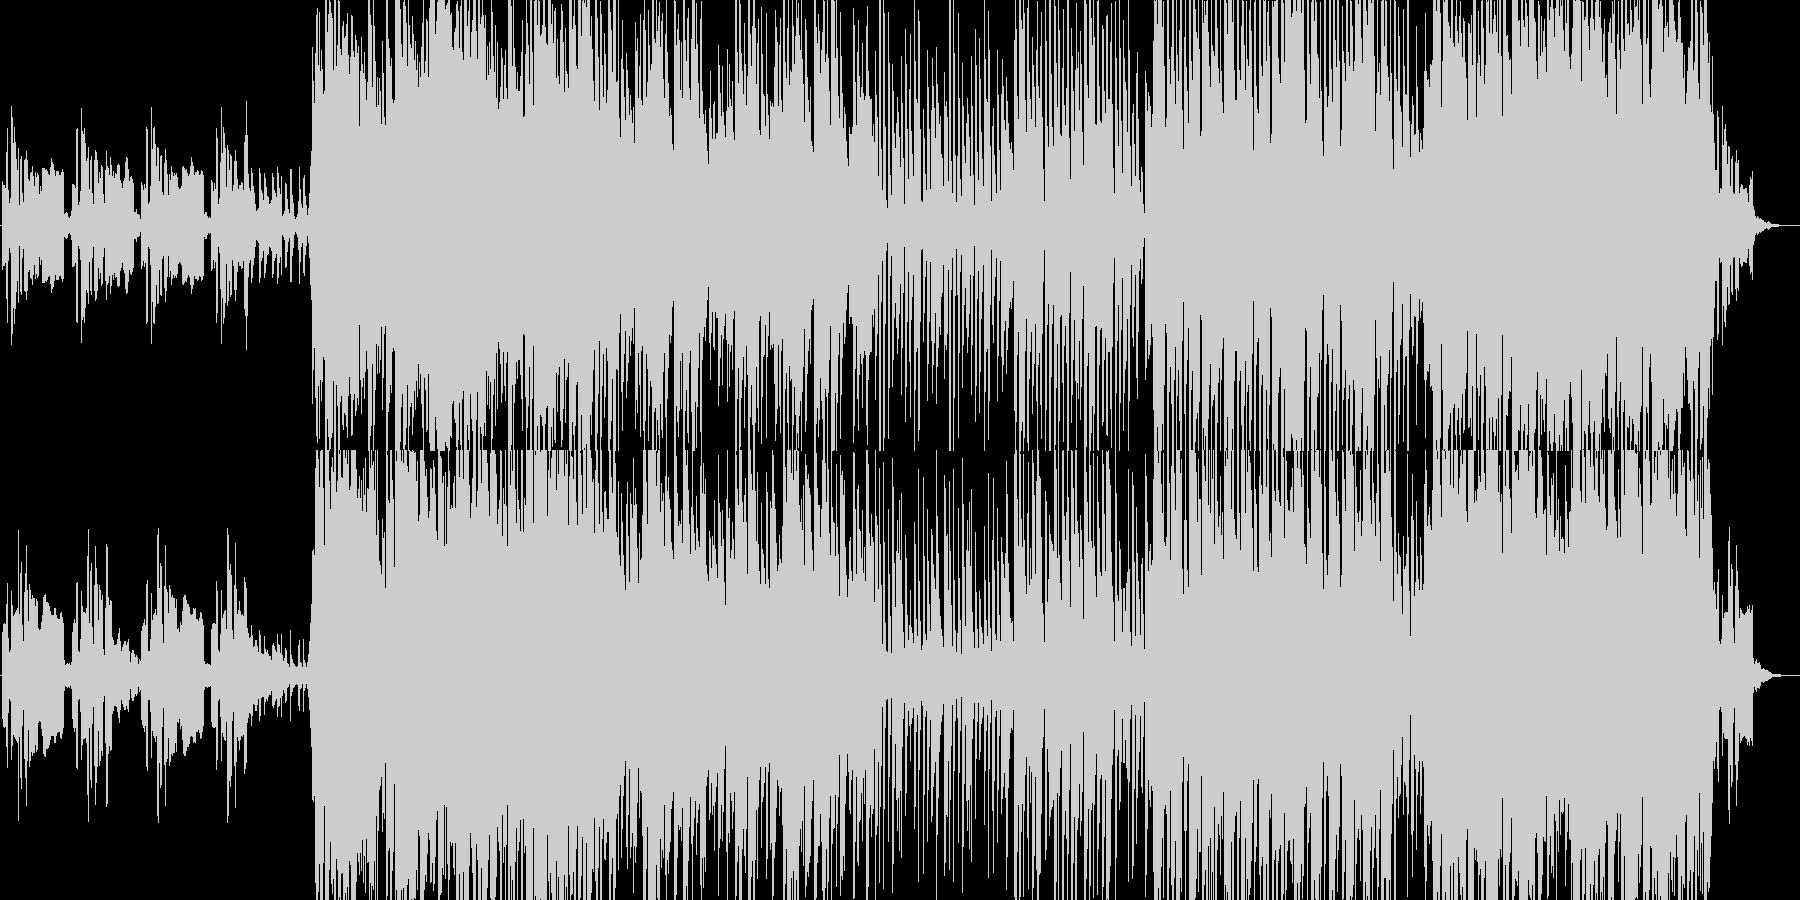 ケルト調の切ないオープニング感のある曲の未再生の波形